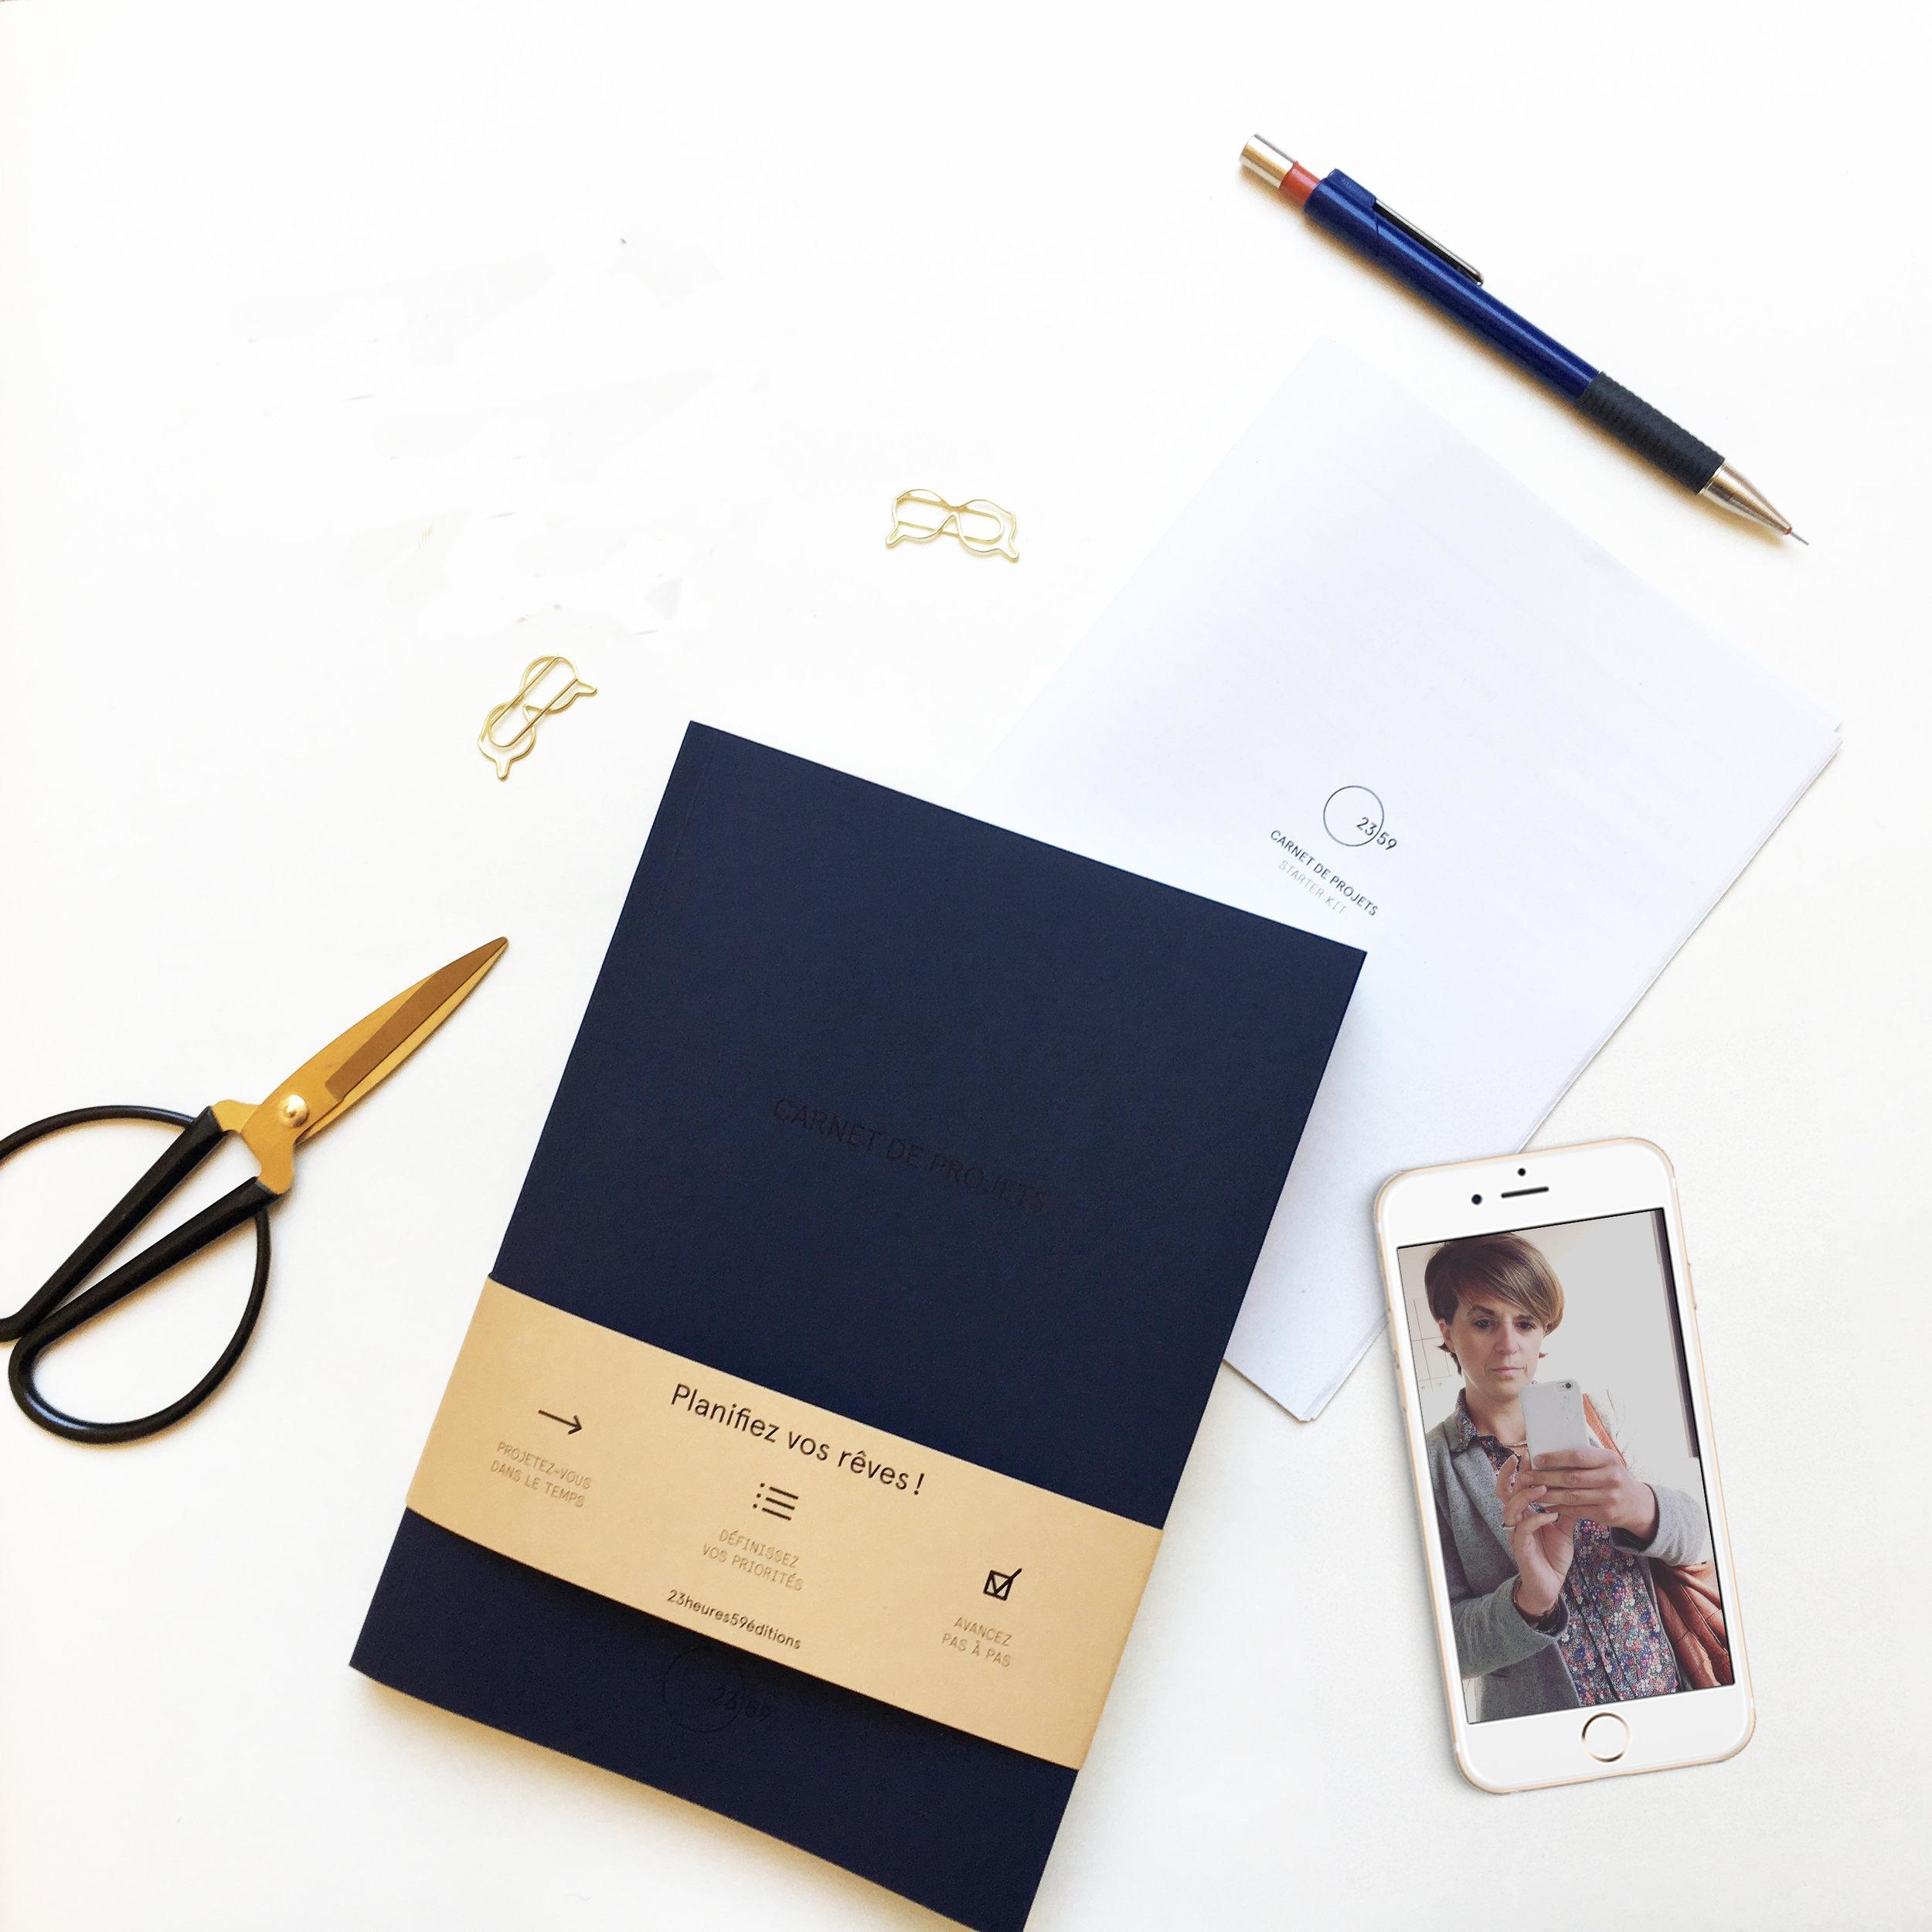 Sophie Charlotte Chapman - Ce qui est écrit au stylo ne peut disparaître, comme on peut effacer en deux clics sur un document Word